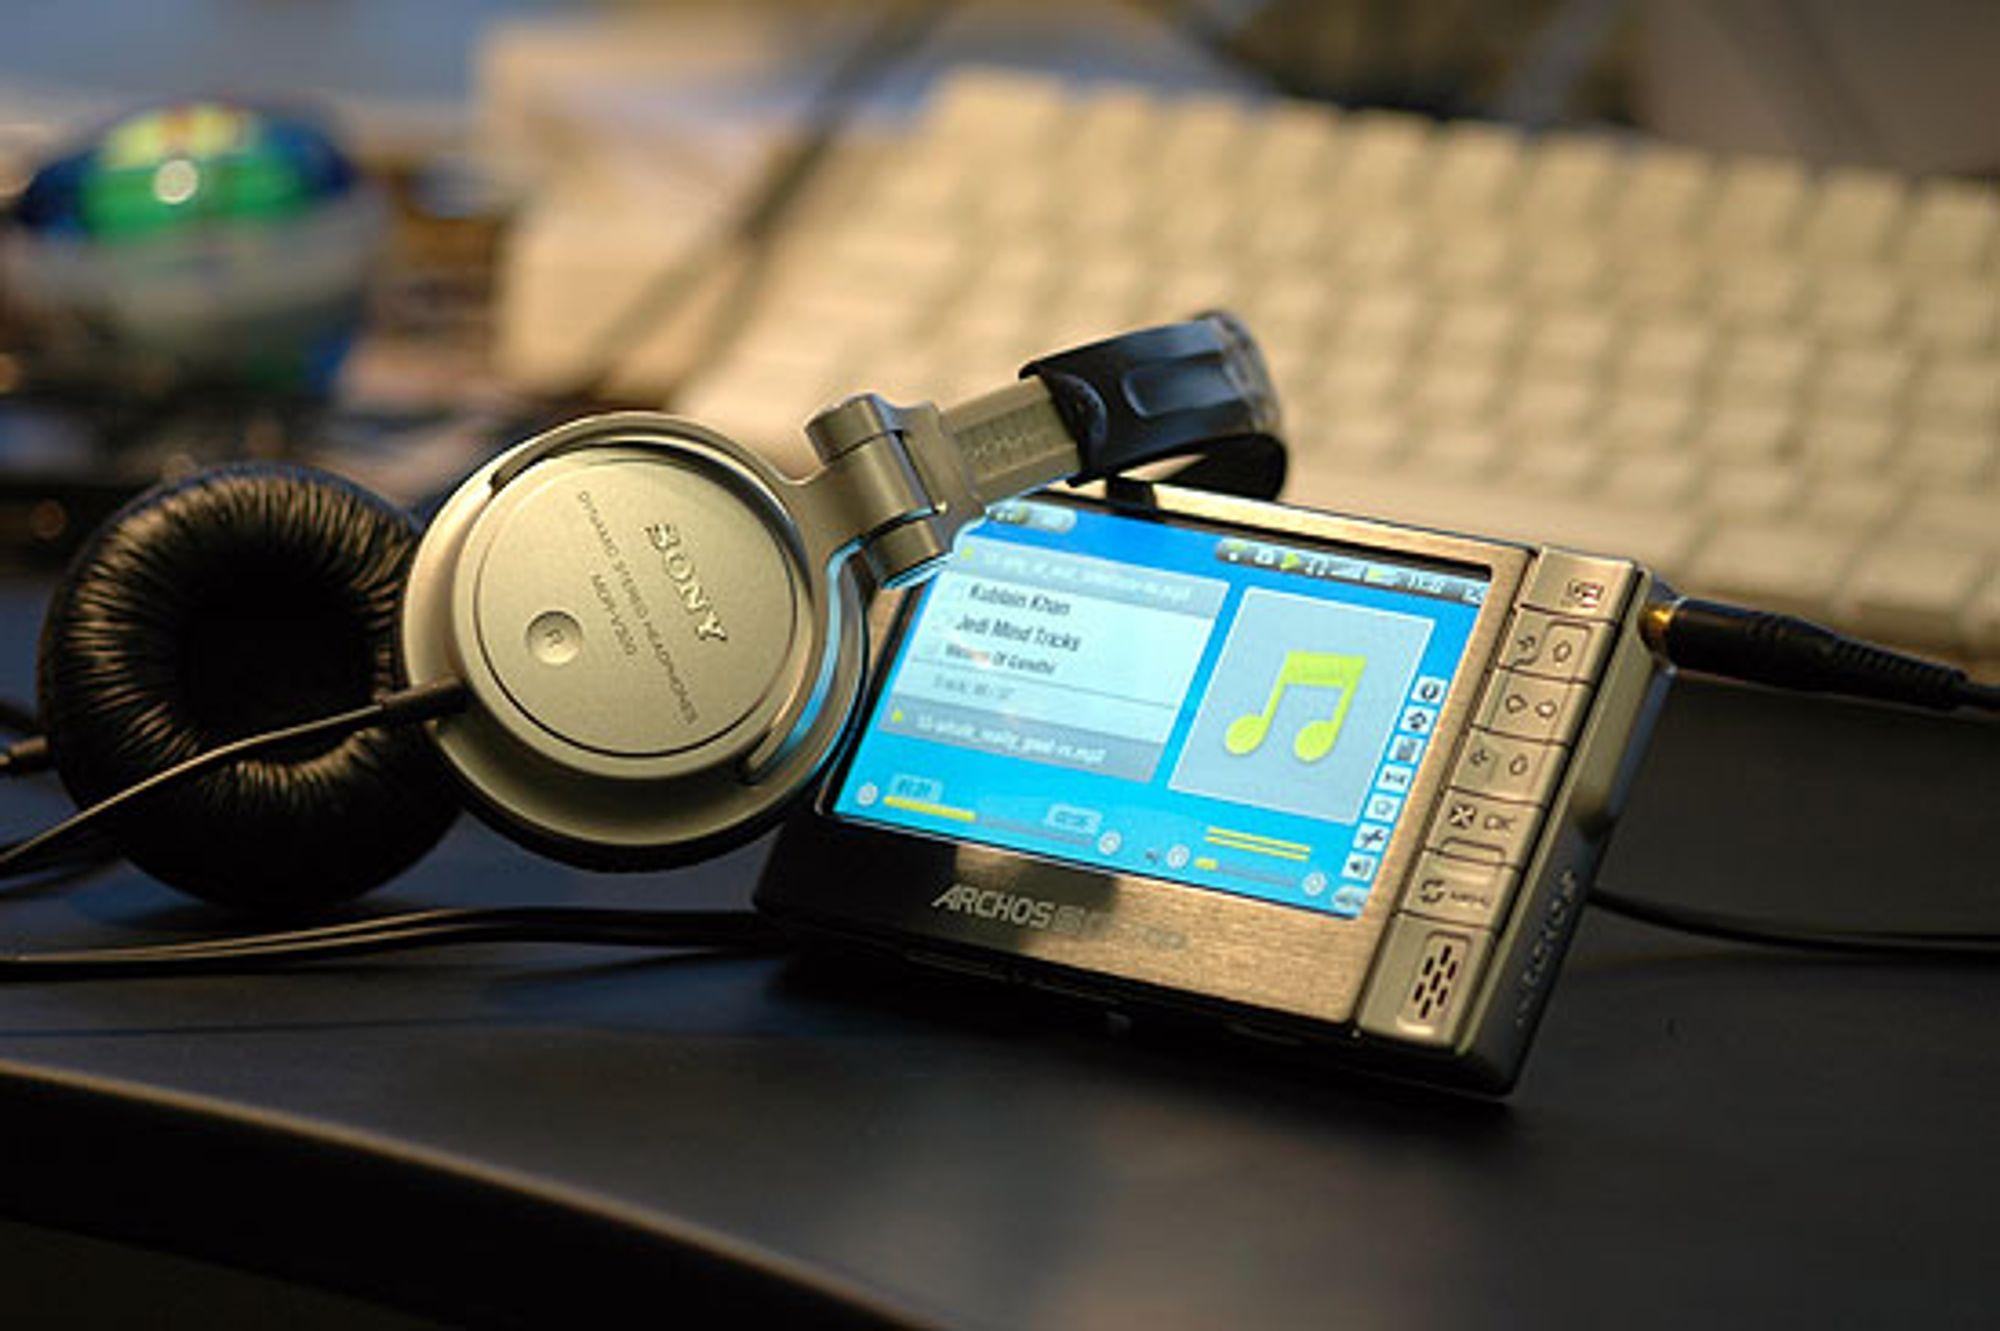 Archos 604-WiFi spiller musikk og video. (Alle foto: Marius Valle)